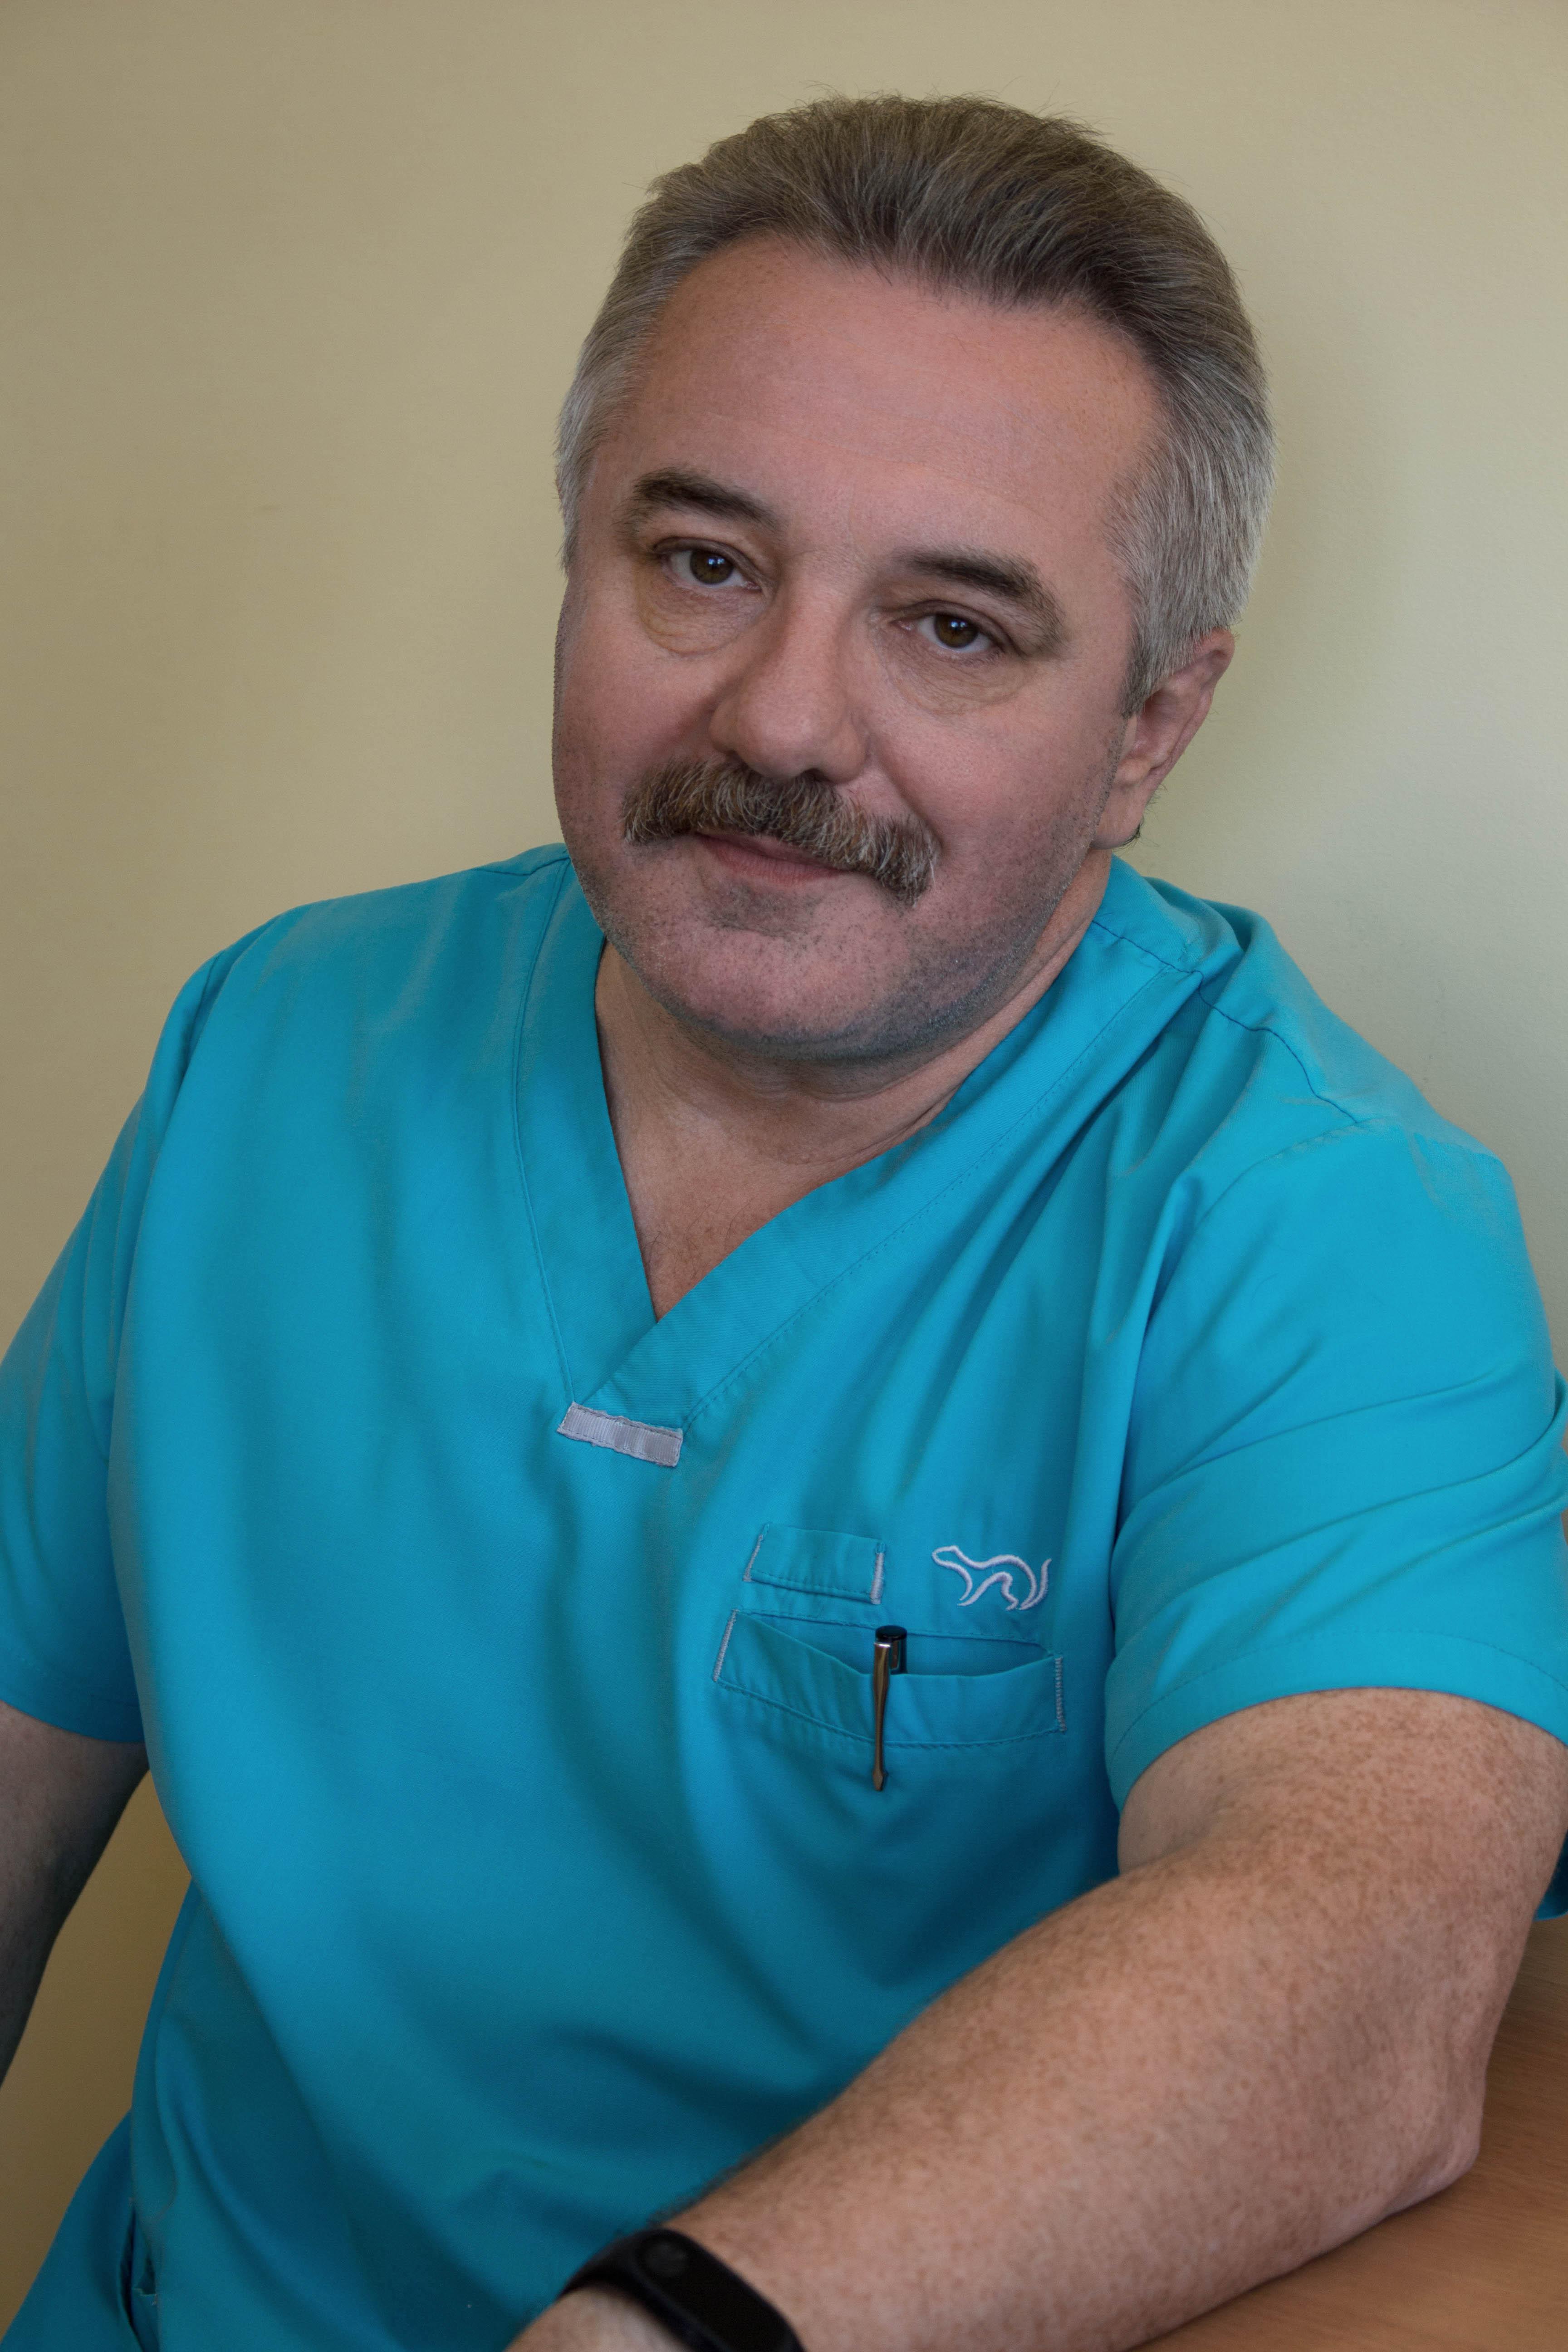 Кушнир Виктор Иванович - врач акушер-гинеколог высшей категории, врач УЗД в центре Лоридан Плюс.